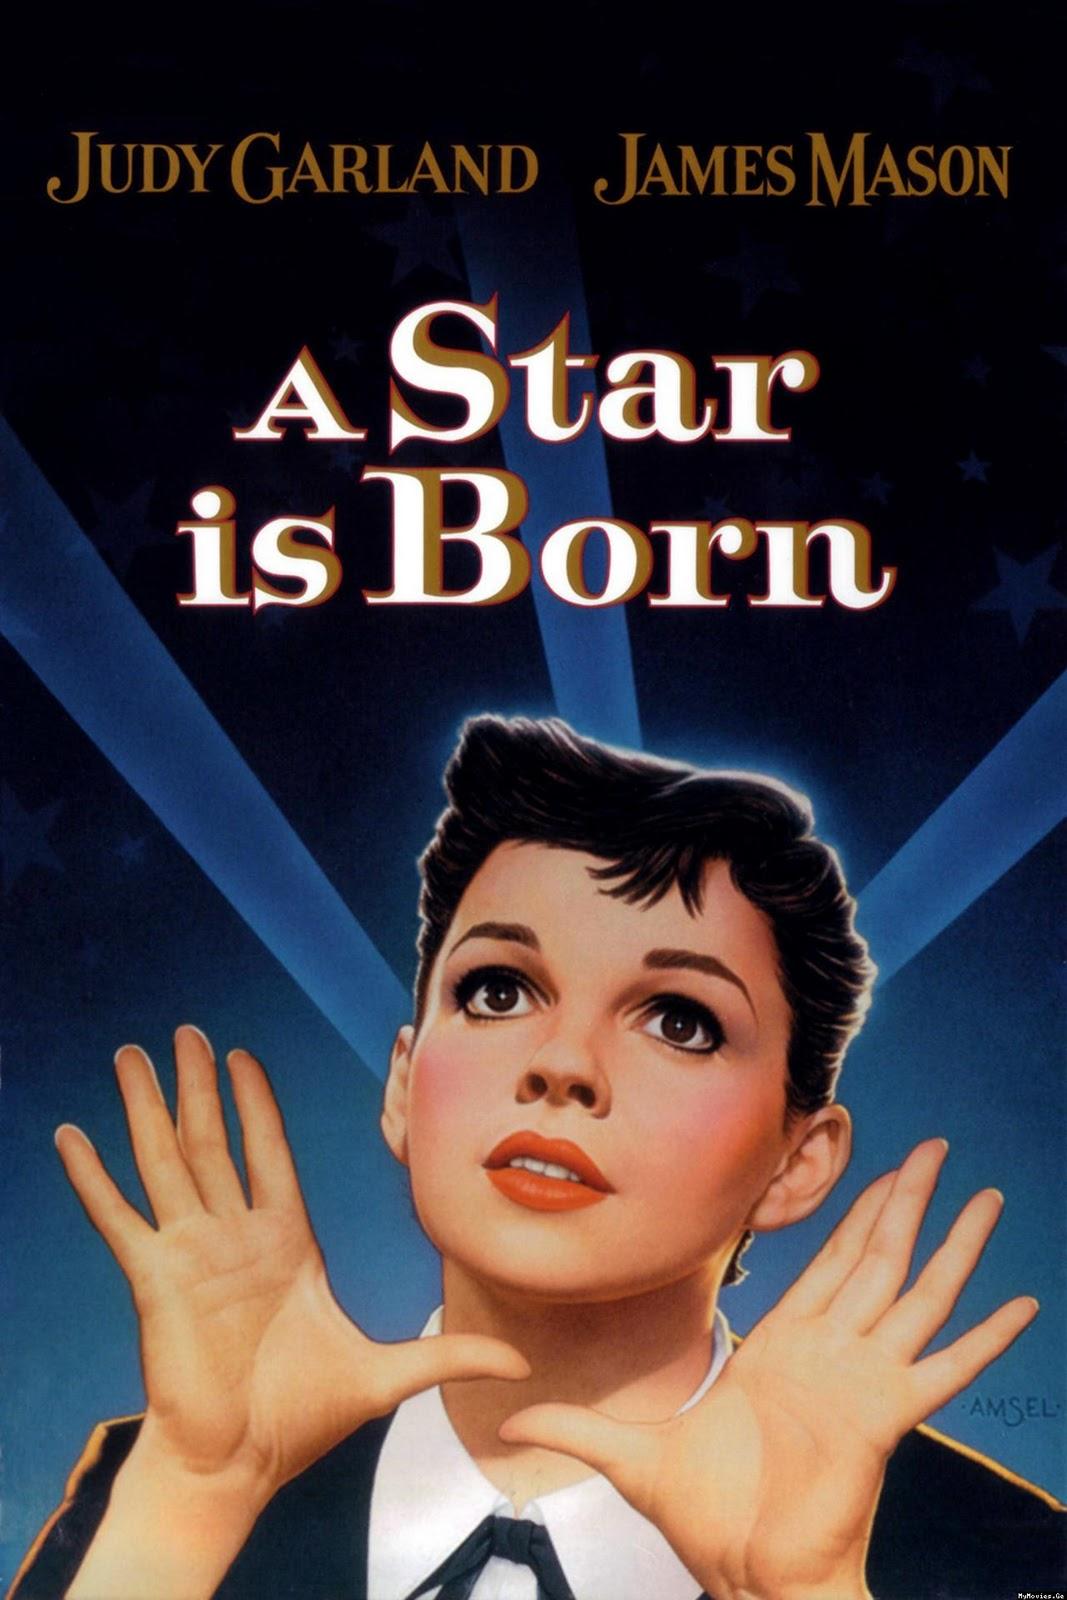 http://3.bp.blogspot.com/-fk7nWodTTg4/Tw3iaa8O73I/AAAAAAAABSQ/66yEuqyizo4/s1600/A+Star+Is+Born.jpg